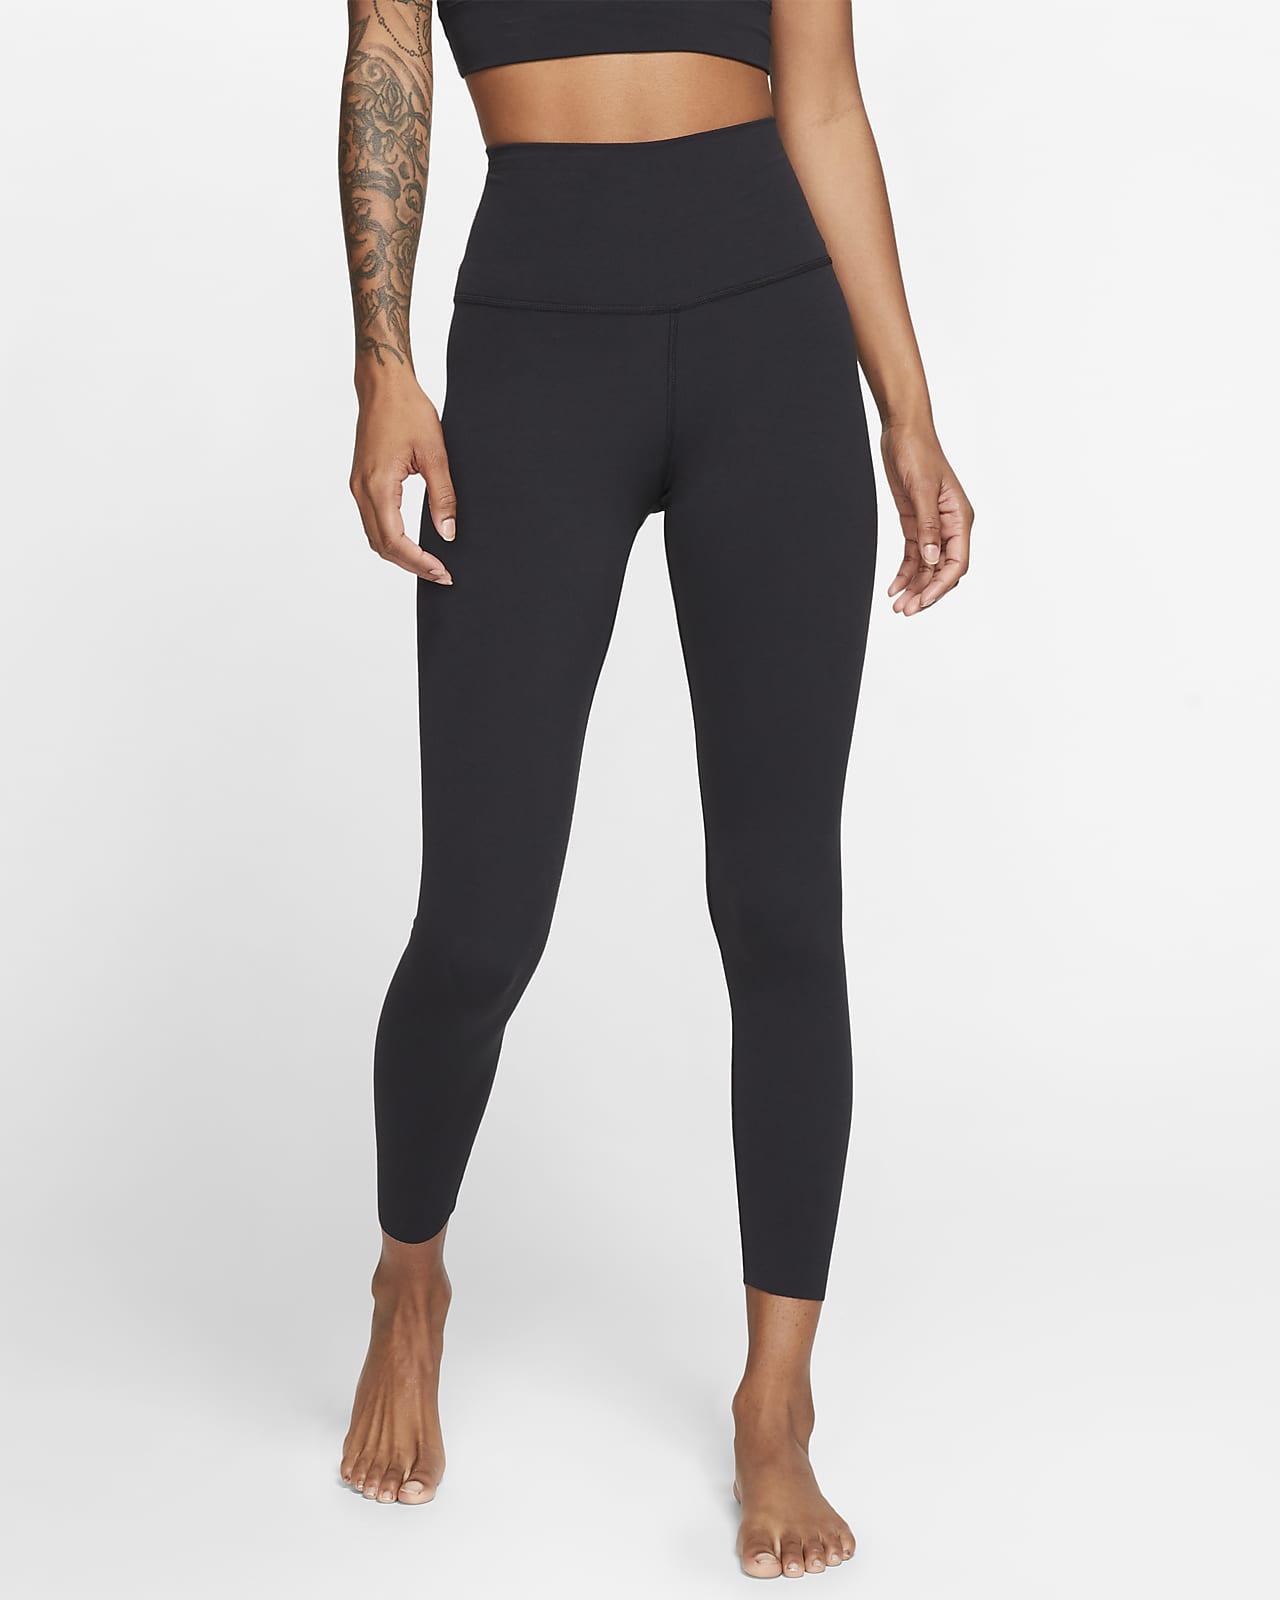 Leggings Infinalon a 7/8 Nike Yoga Luxe - Donna